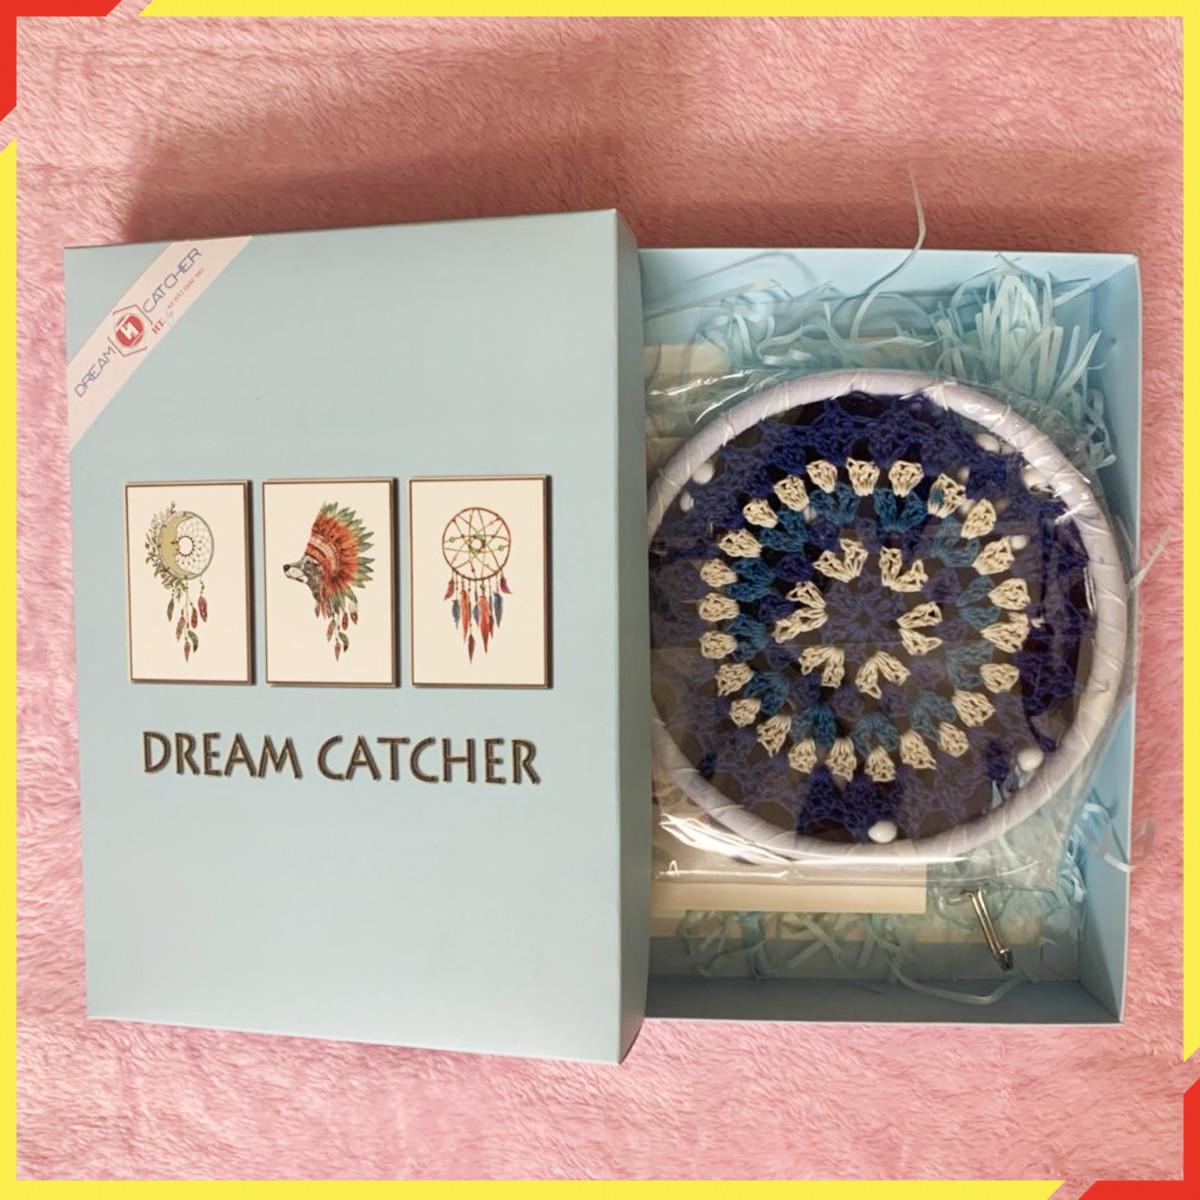 Lưới Giữ Giấc Mơ - HT SYS Dream Catcher - Vật Phẩm Trang Trí Phòng Ngủ, Phòng Khách - Đem đến những điều may mắn, tốt đẹp, giấc mơ ngọt ngào